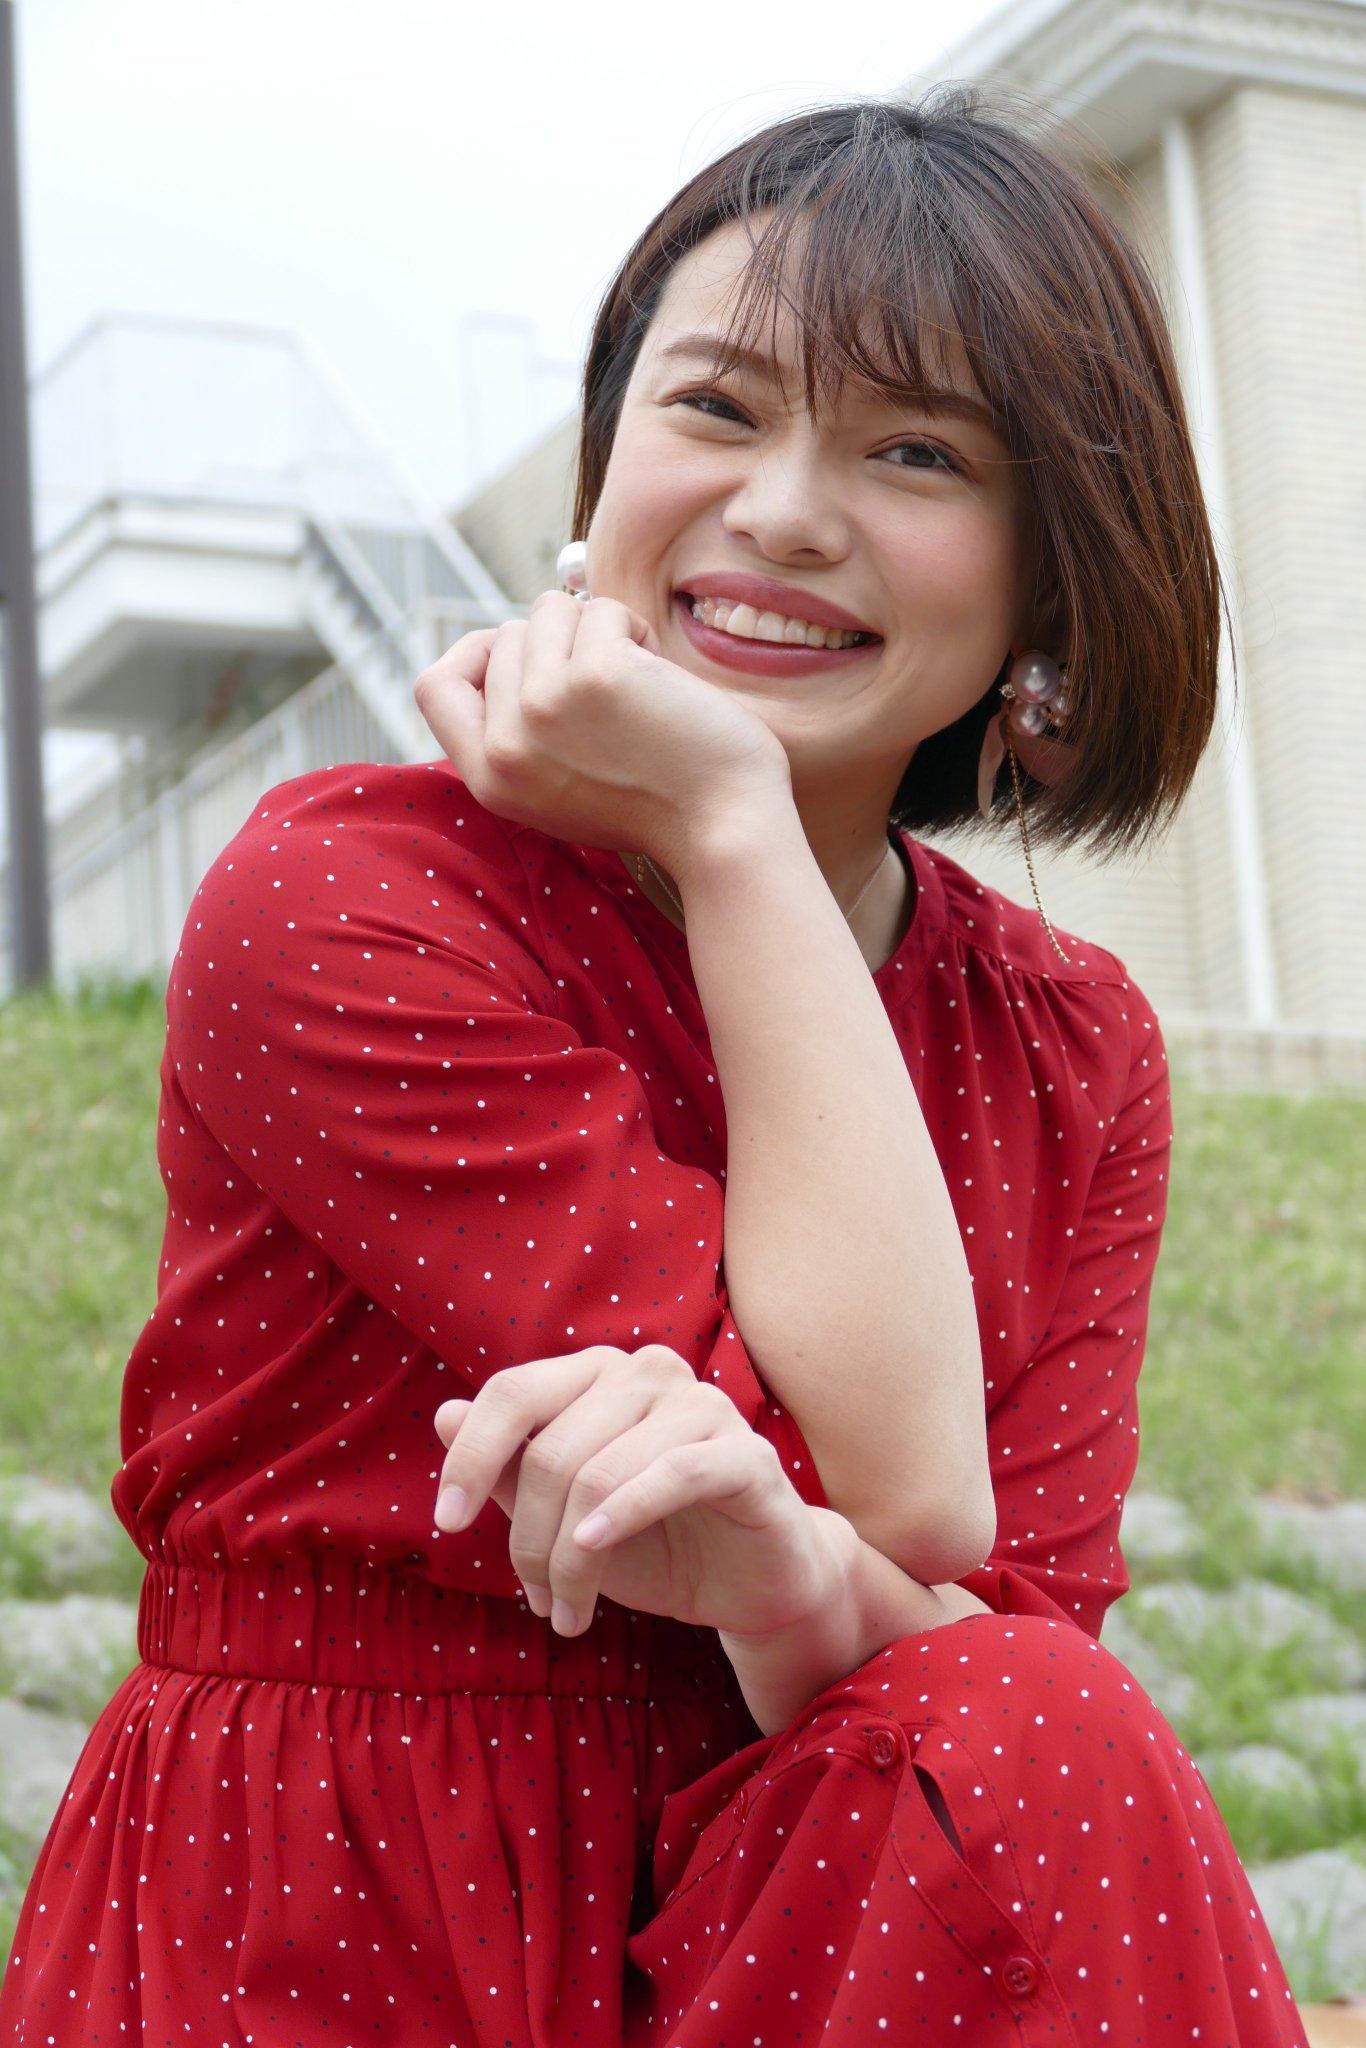 #そこ曲がったら櫻坂 写真,#そこ曲がったら櫻坂 Twitterのトレンド - トップツイート